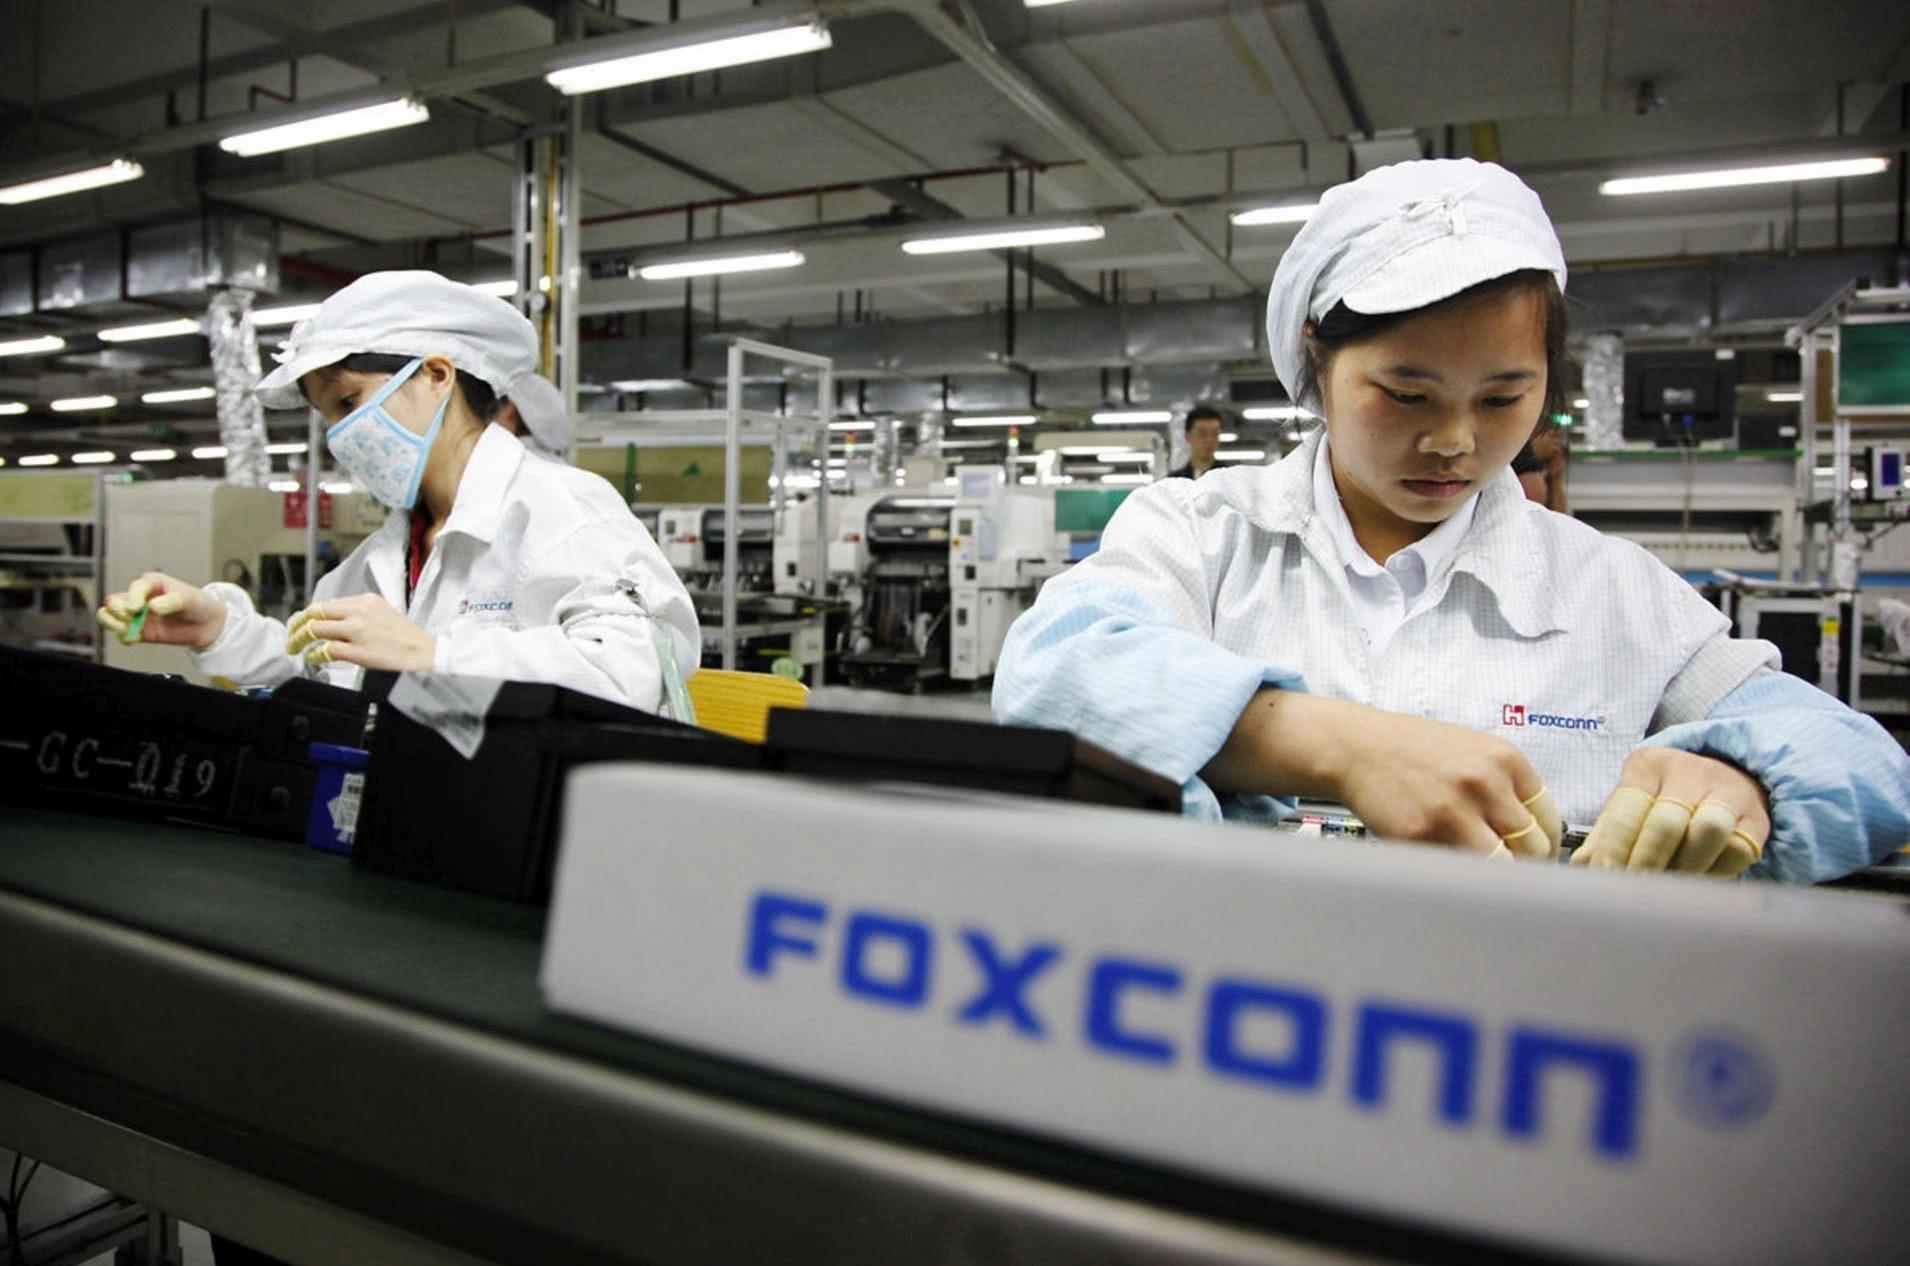 富士康在印度投资50亿美元设厂,人工被自动化制造...